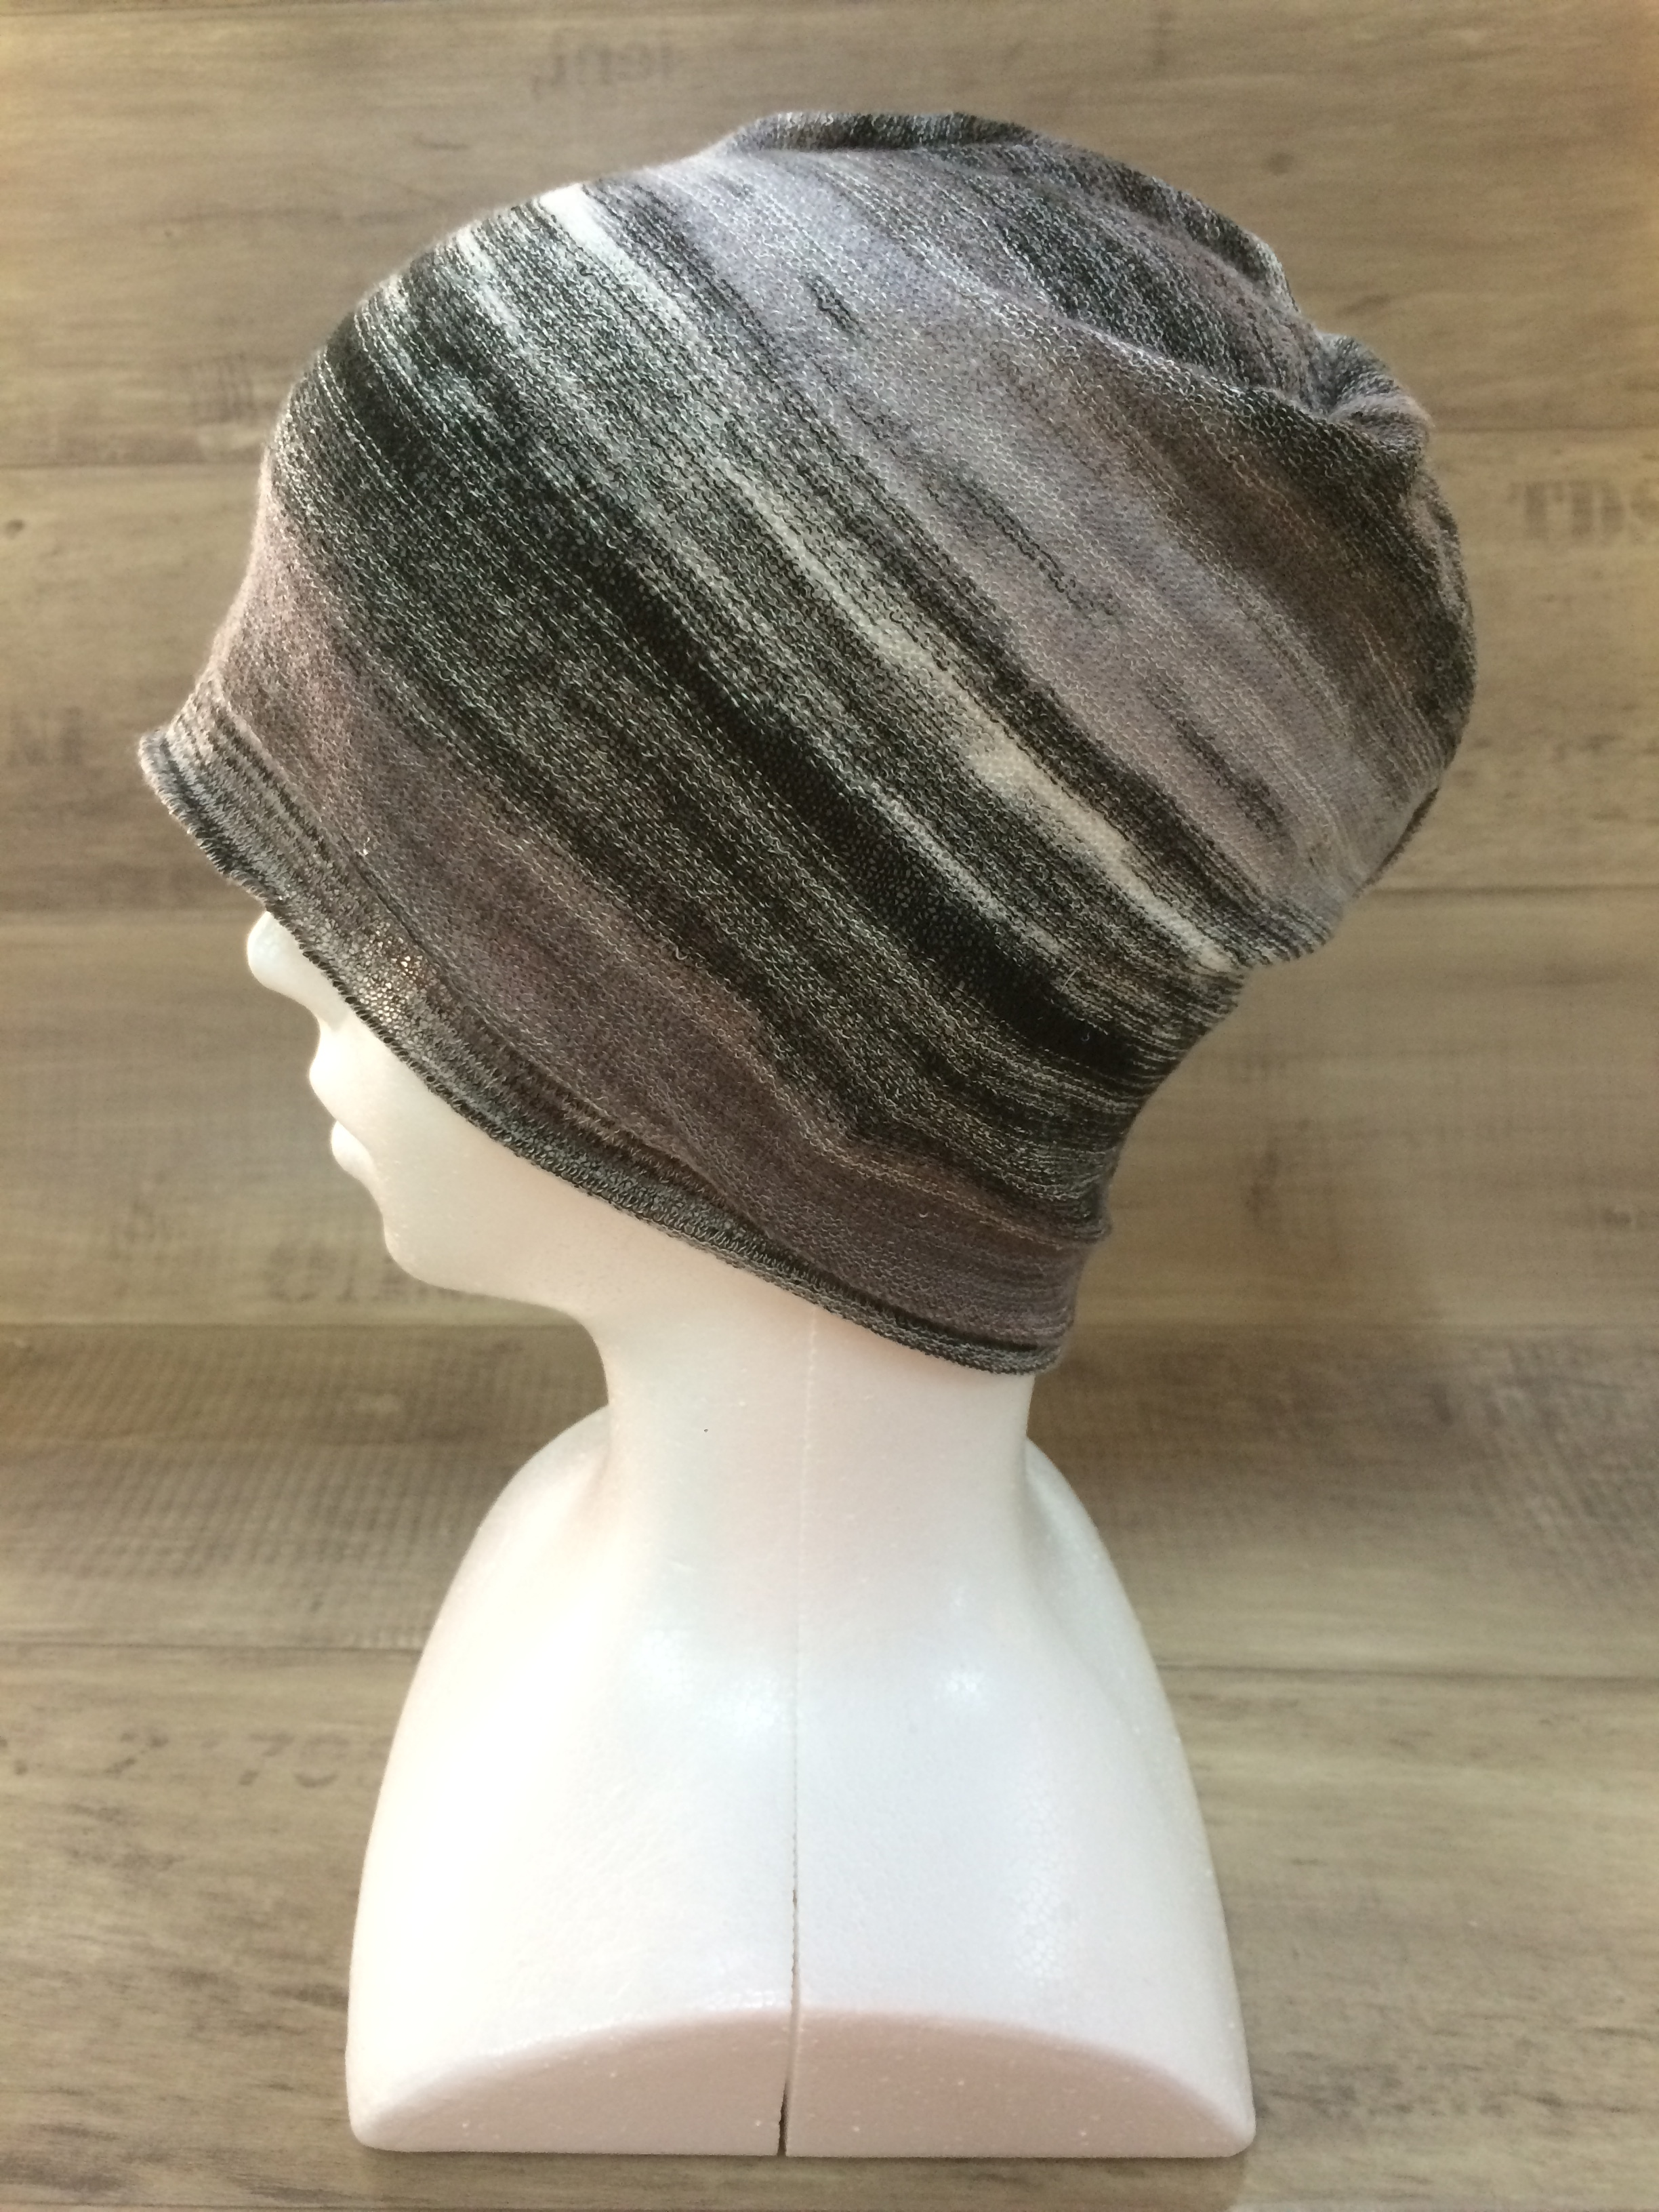 【送料無料】こころが軽くなるニット帽子amuamu|新潟の老舗ニットメーカーが考案した抗がん治療中の脱毛ストレスを軽減する機能性と豊富なデザイン NB-6059|霜天(そうてん)